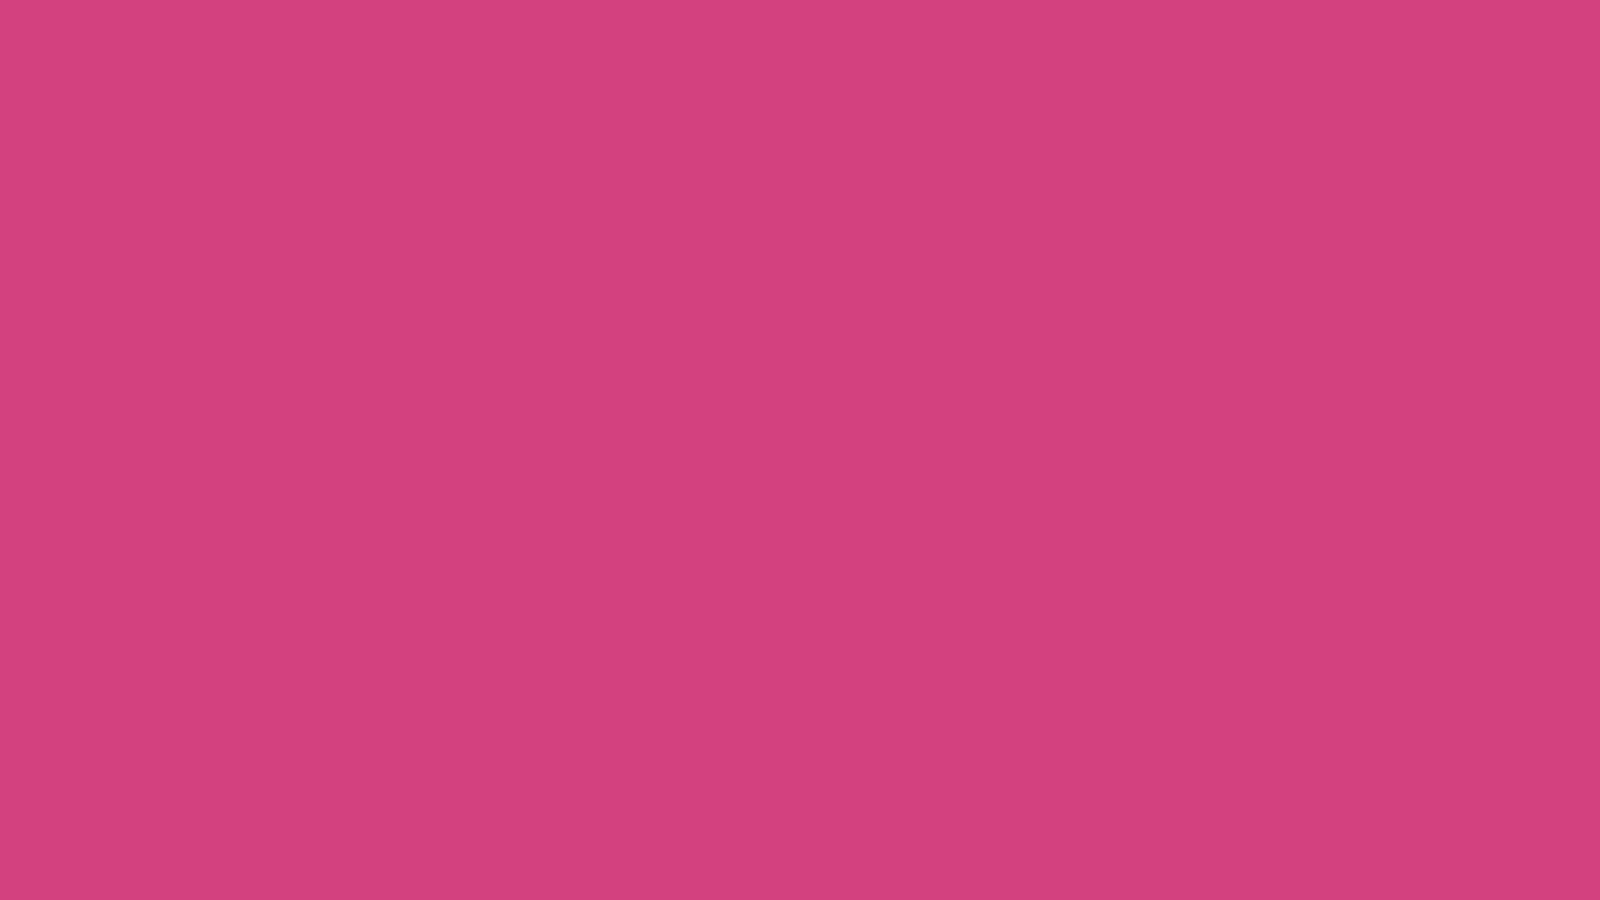 1600x900 Magenta Pantone Solid Color Background